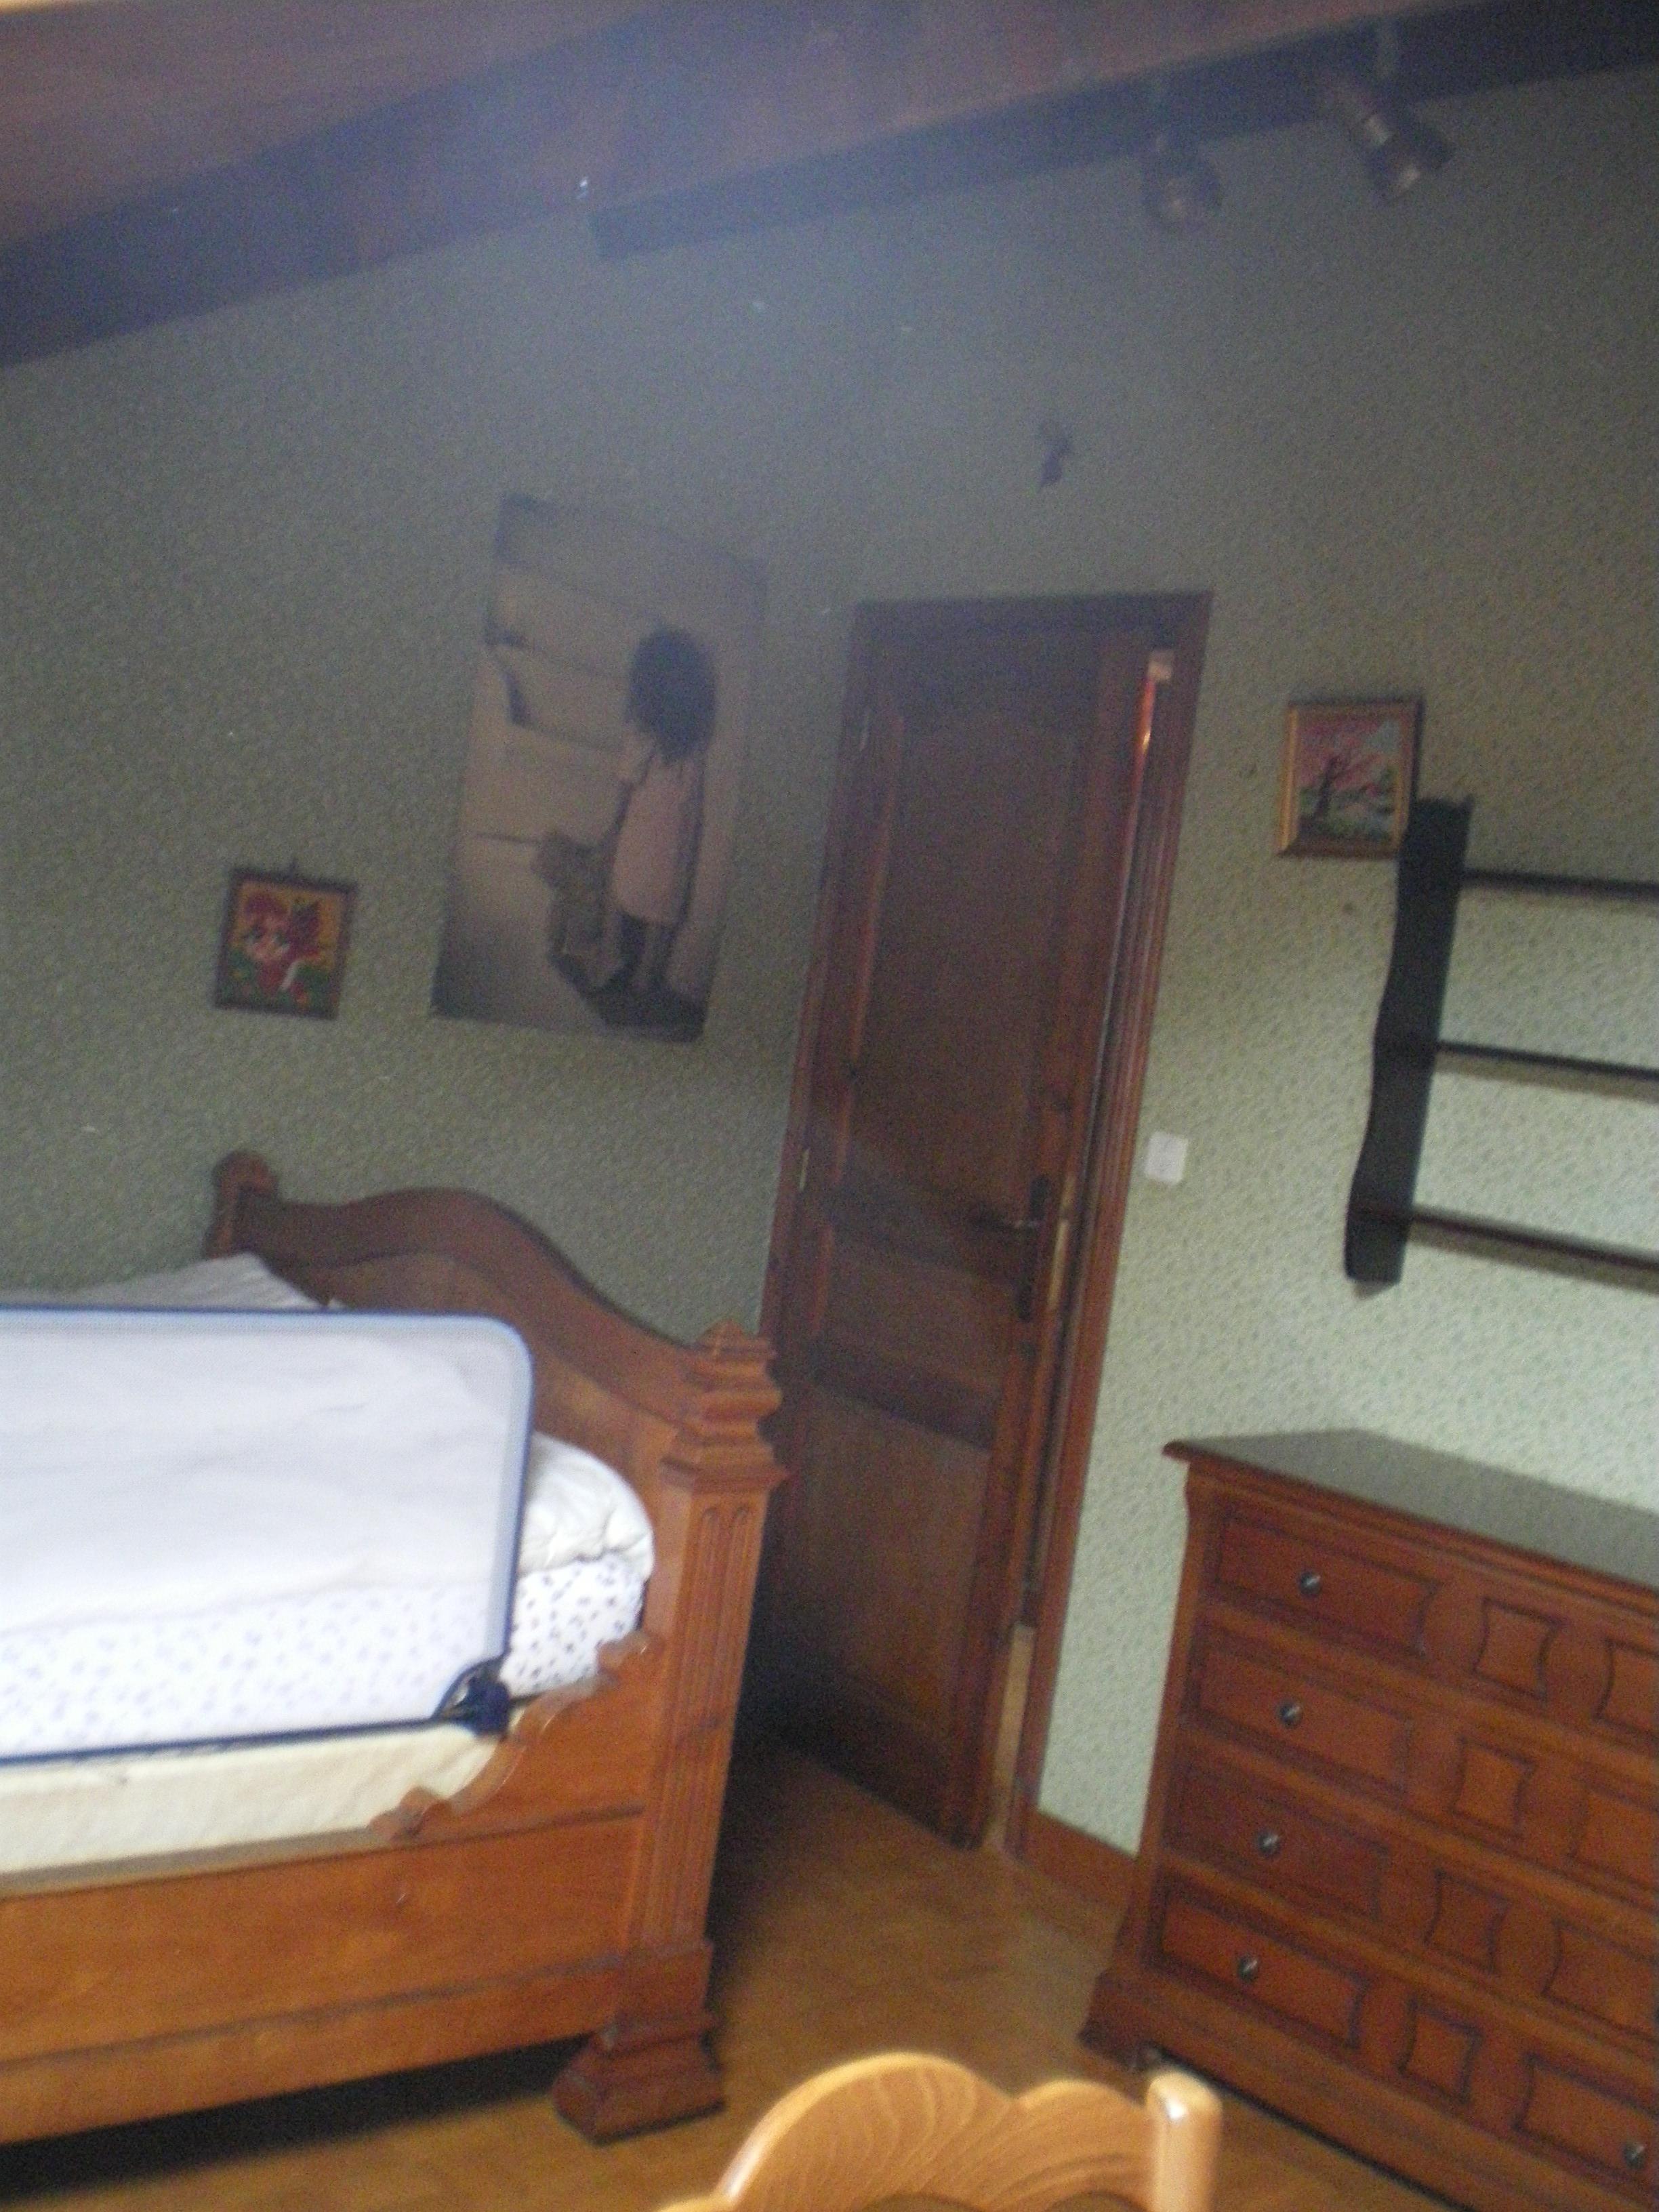 D coration int rieure d 39 une chambre sensations d co - Decoration d une chambre ...